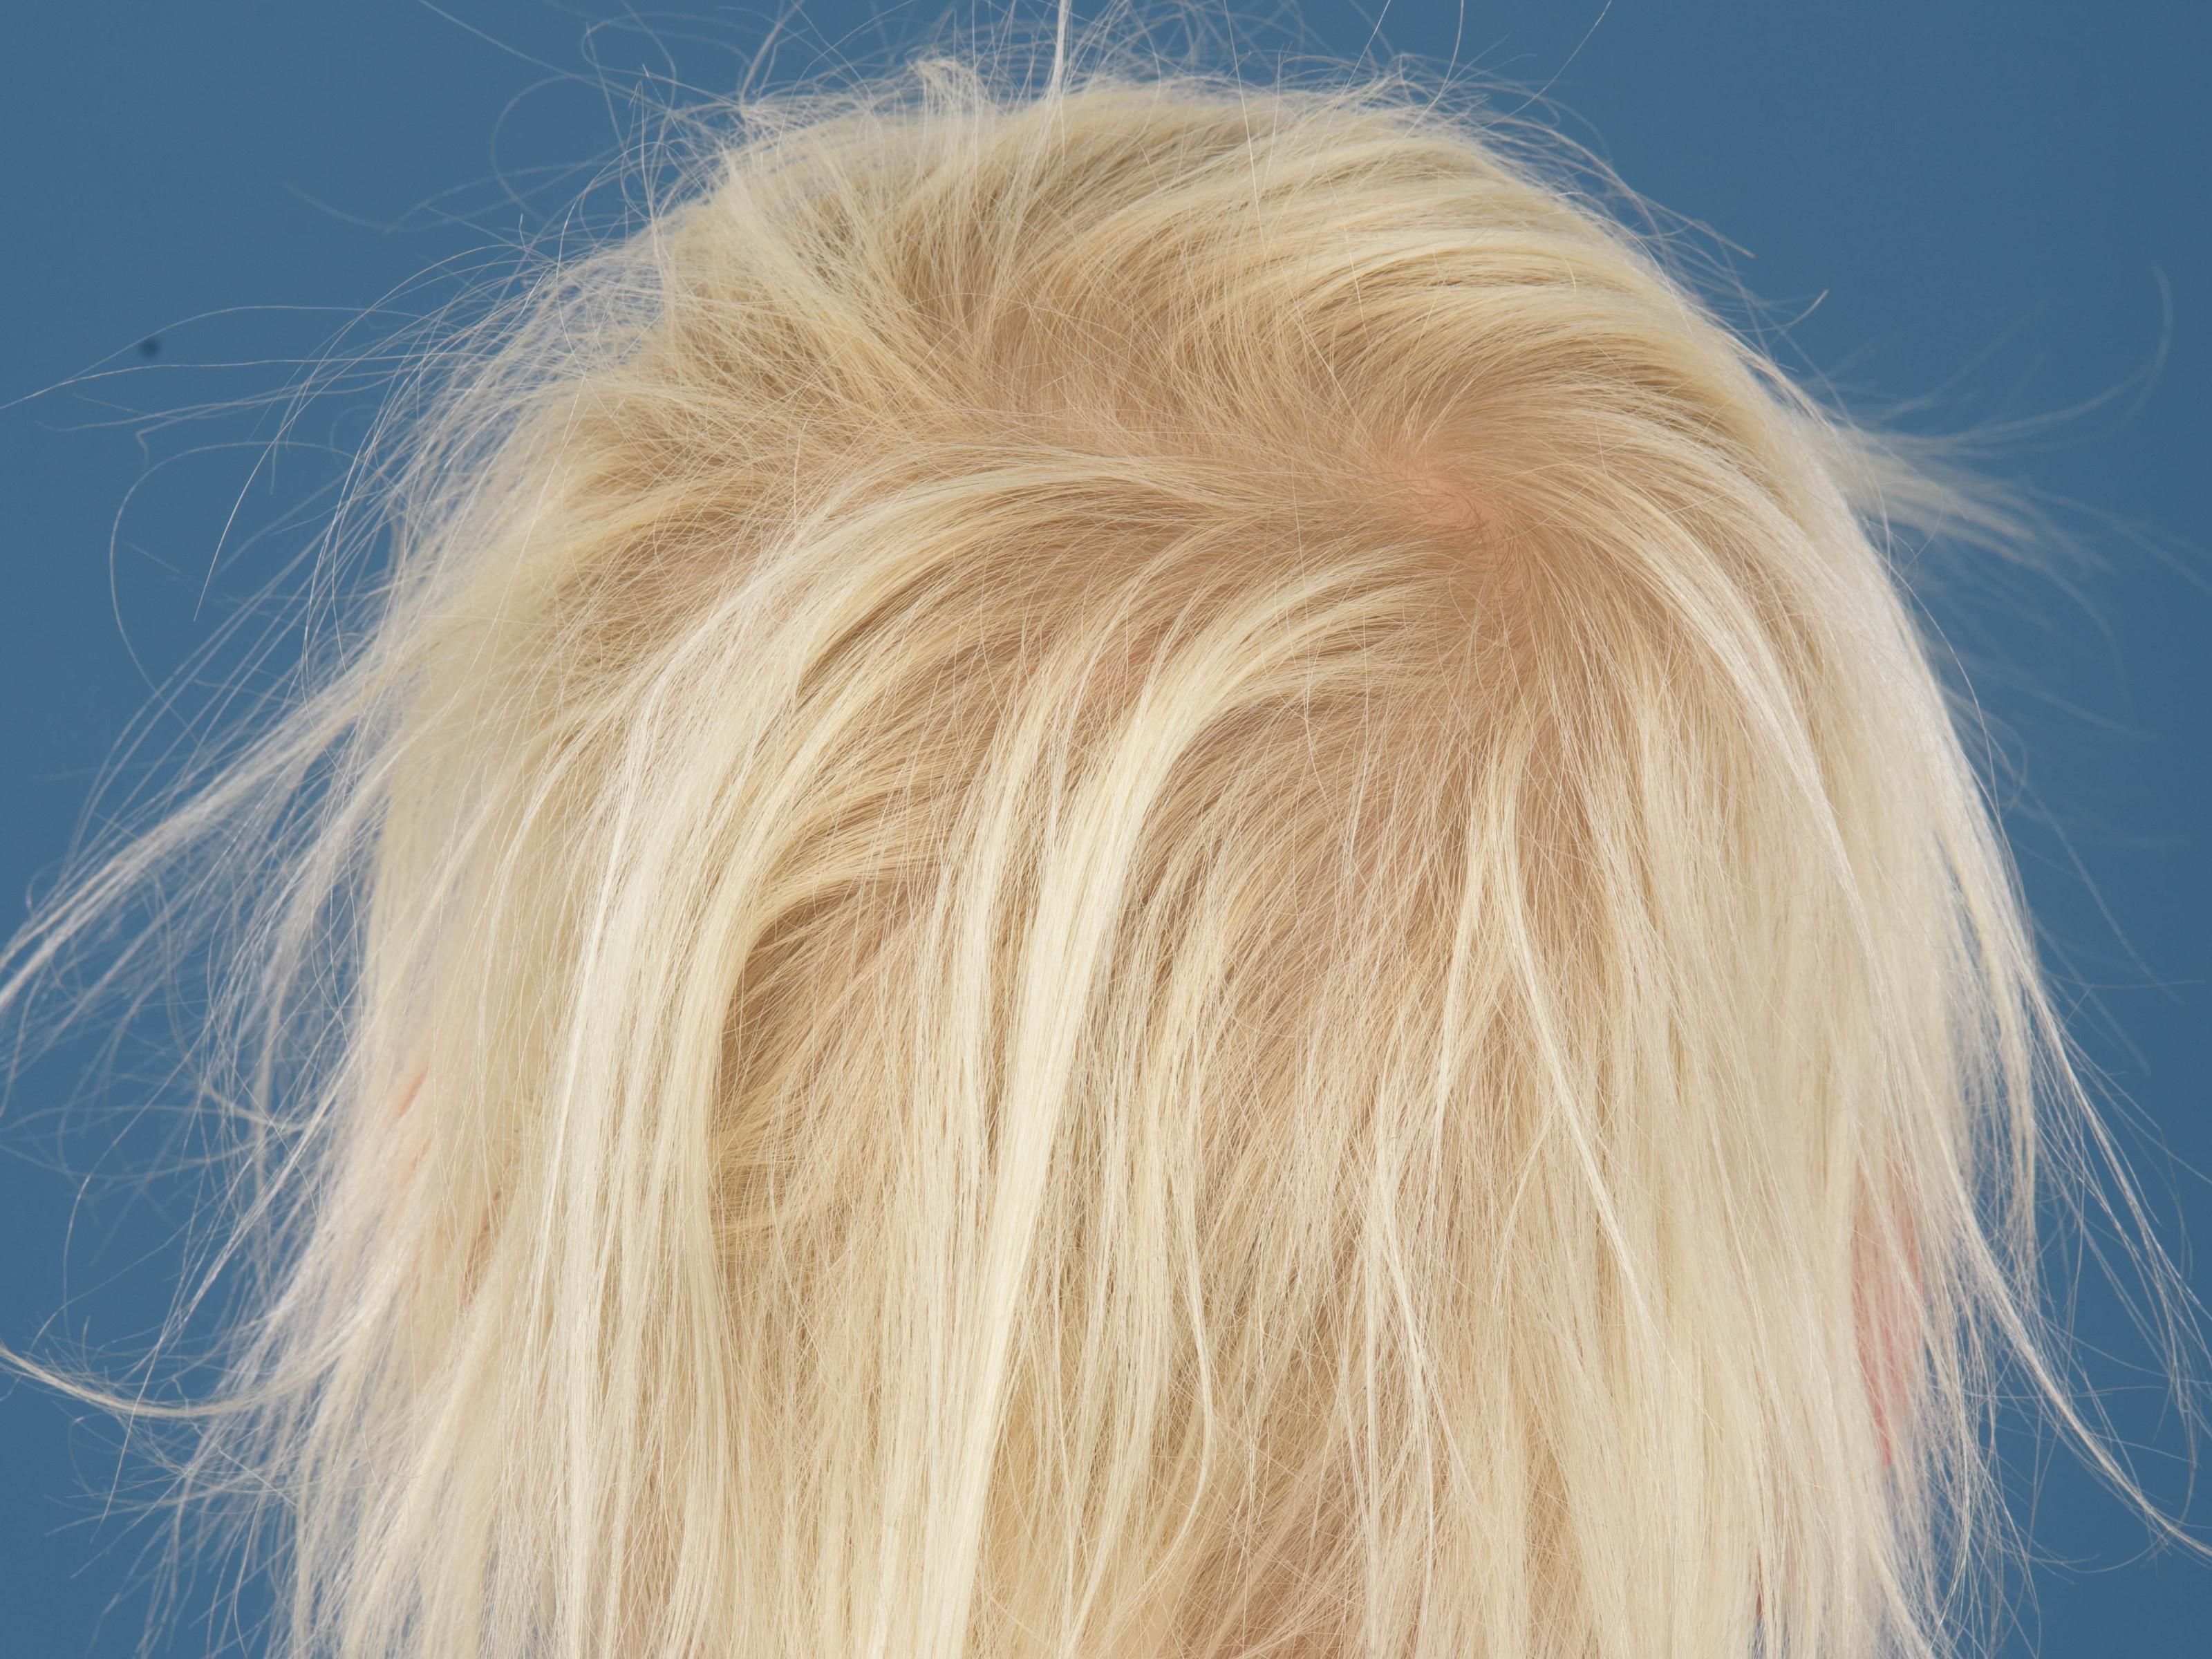 7a5c41e8800 Loose anagen hair syndrome